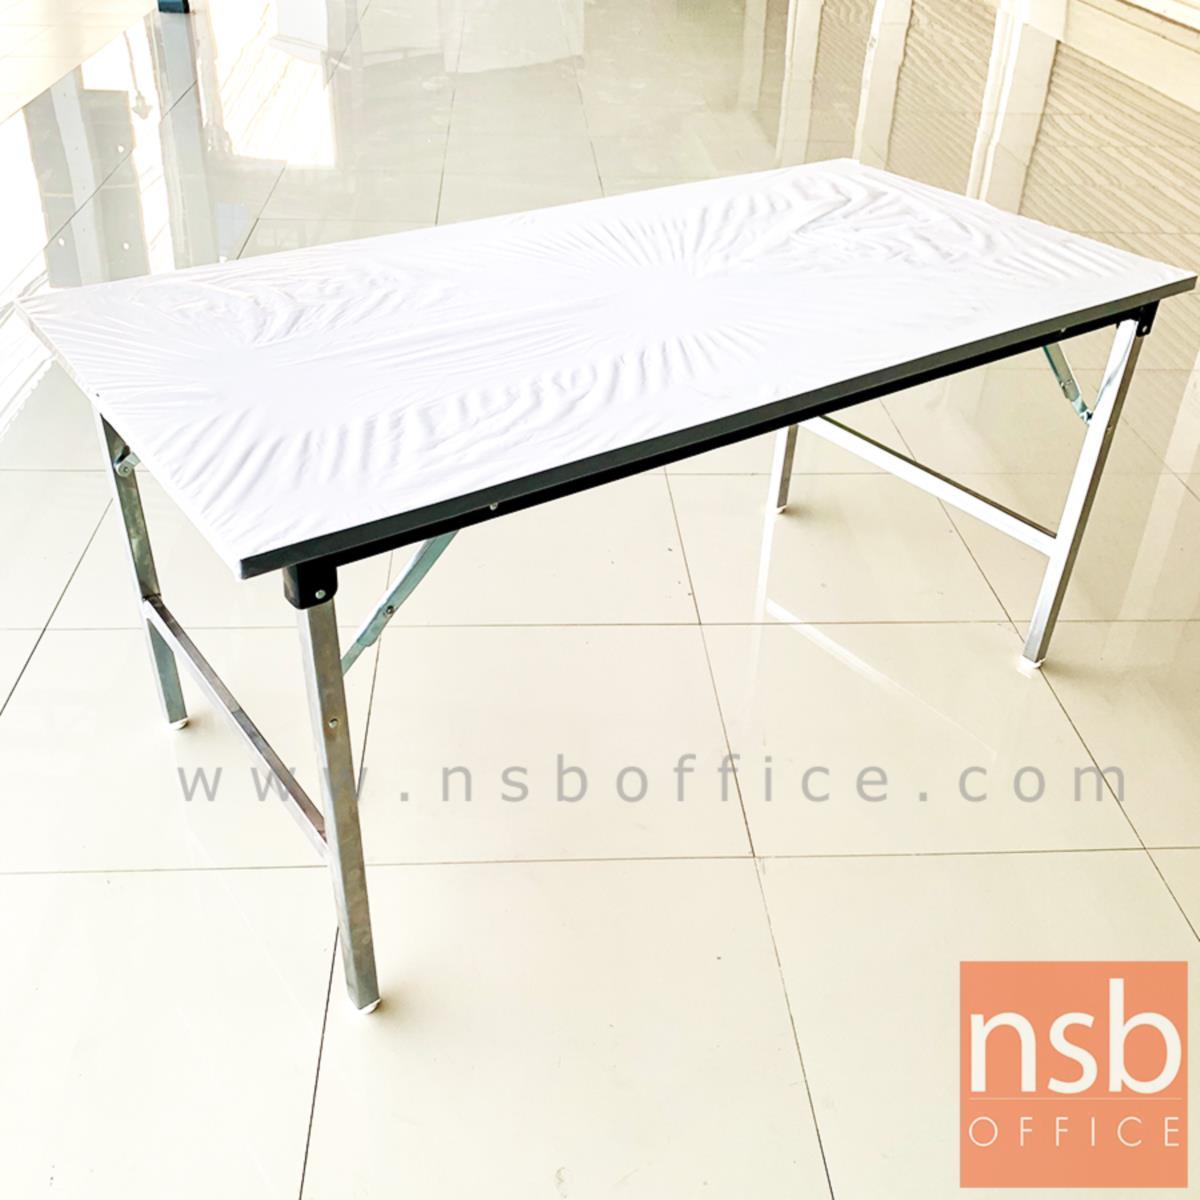 โต๊ะพับหน้าโฟเมก้าขาวเงา 21 มม. เกรด A   (พิเศษ เสริมคานแนวขวาง)